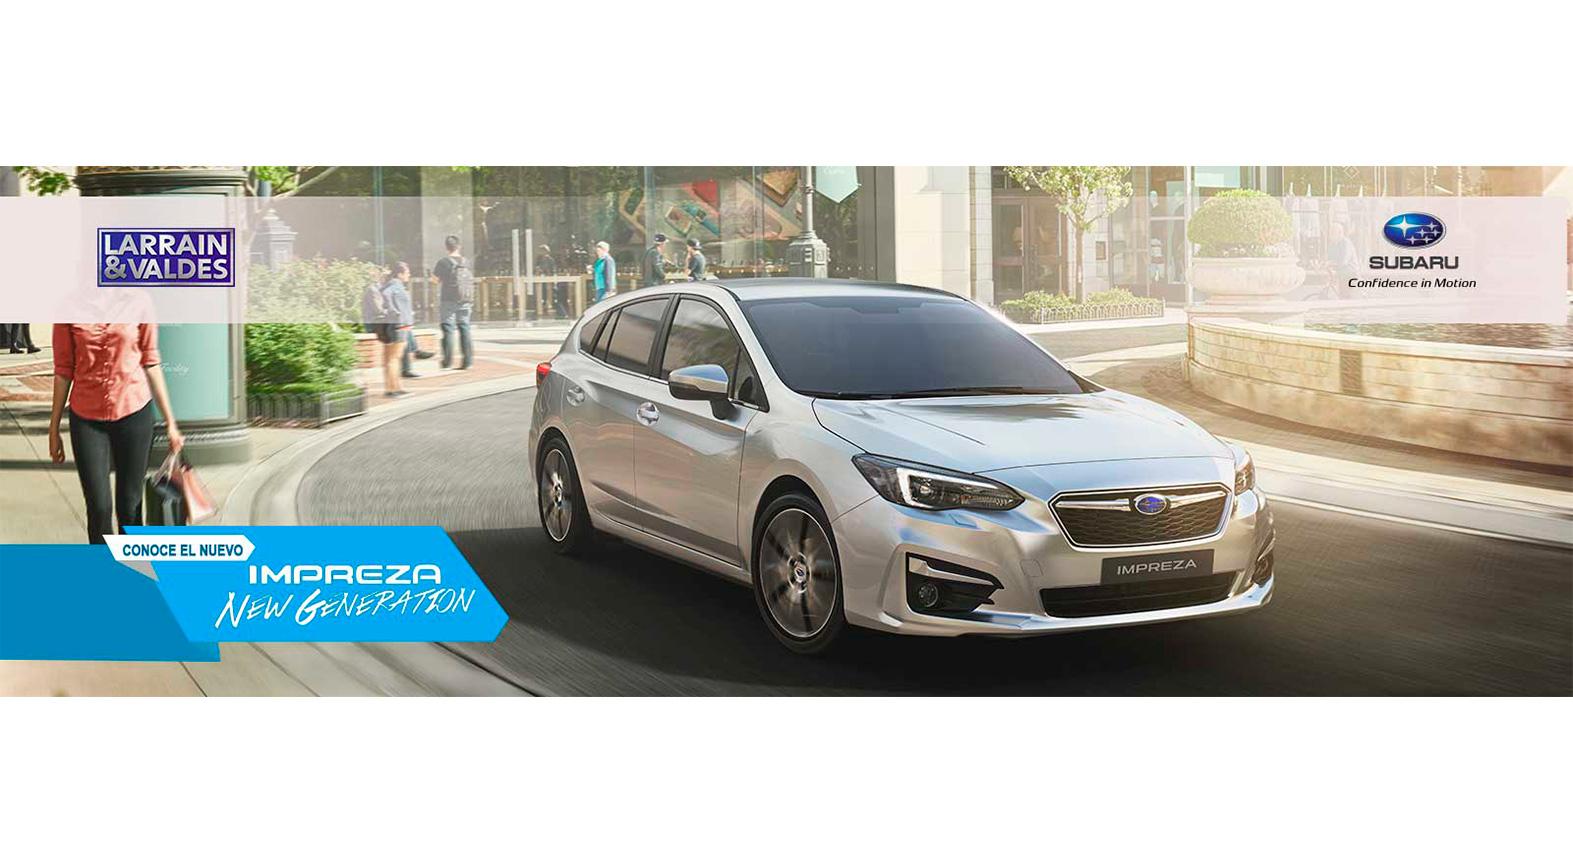 Subaru campañas